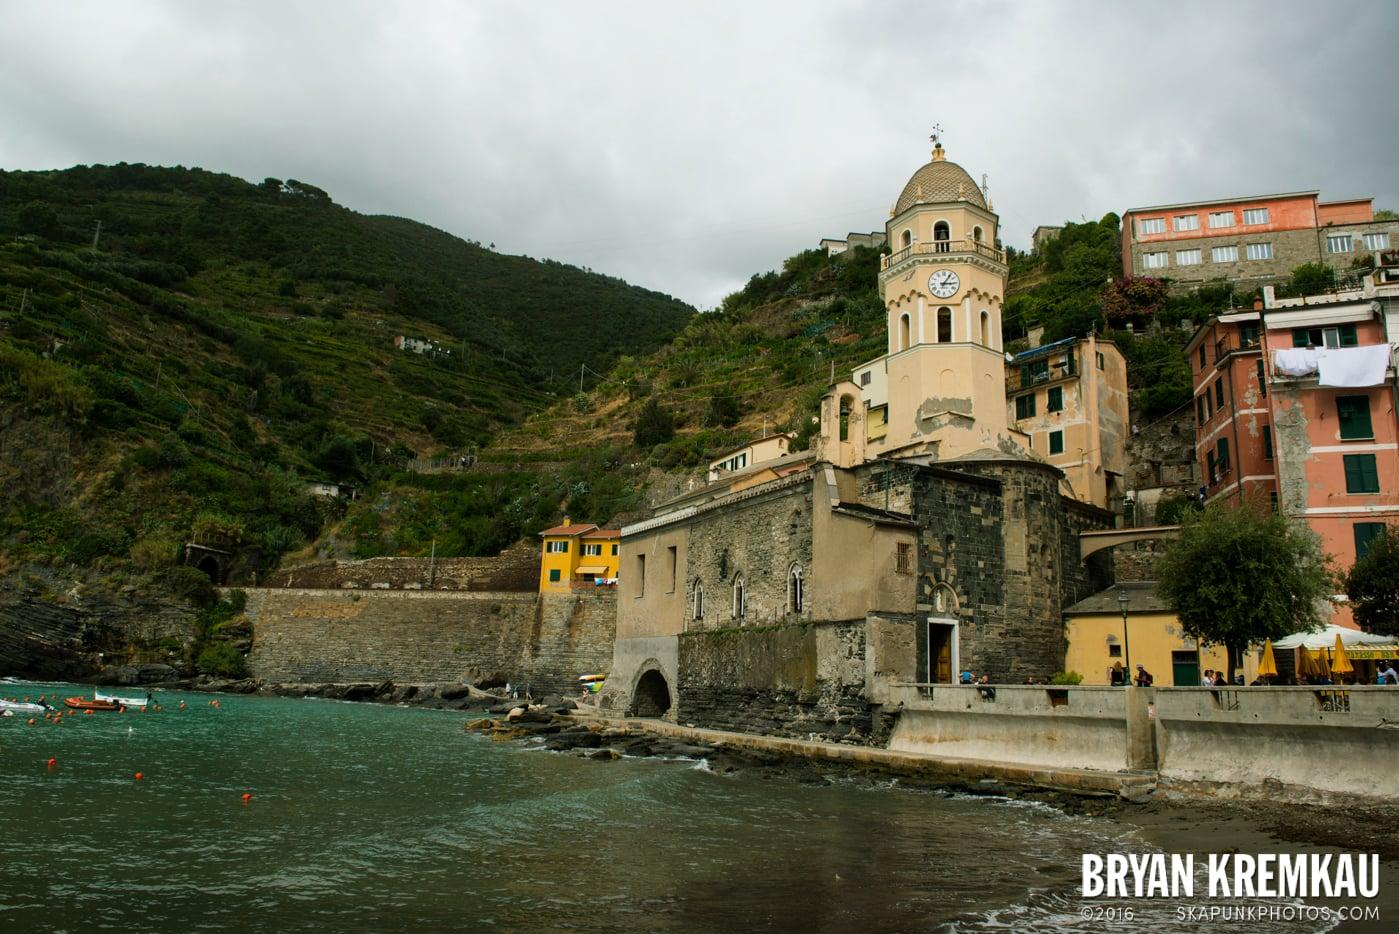 Italy Vacation - Day 10: Cinque Terre - 9.18.13 (40)